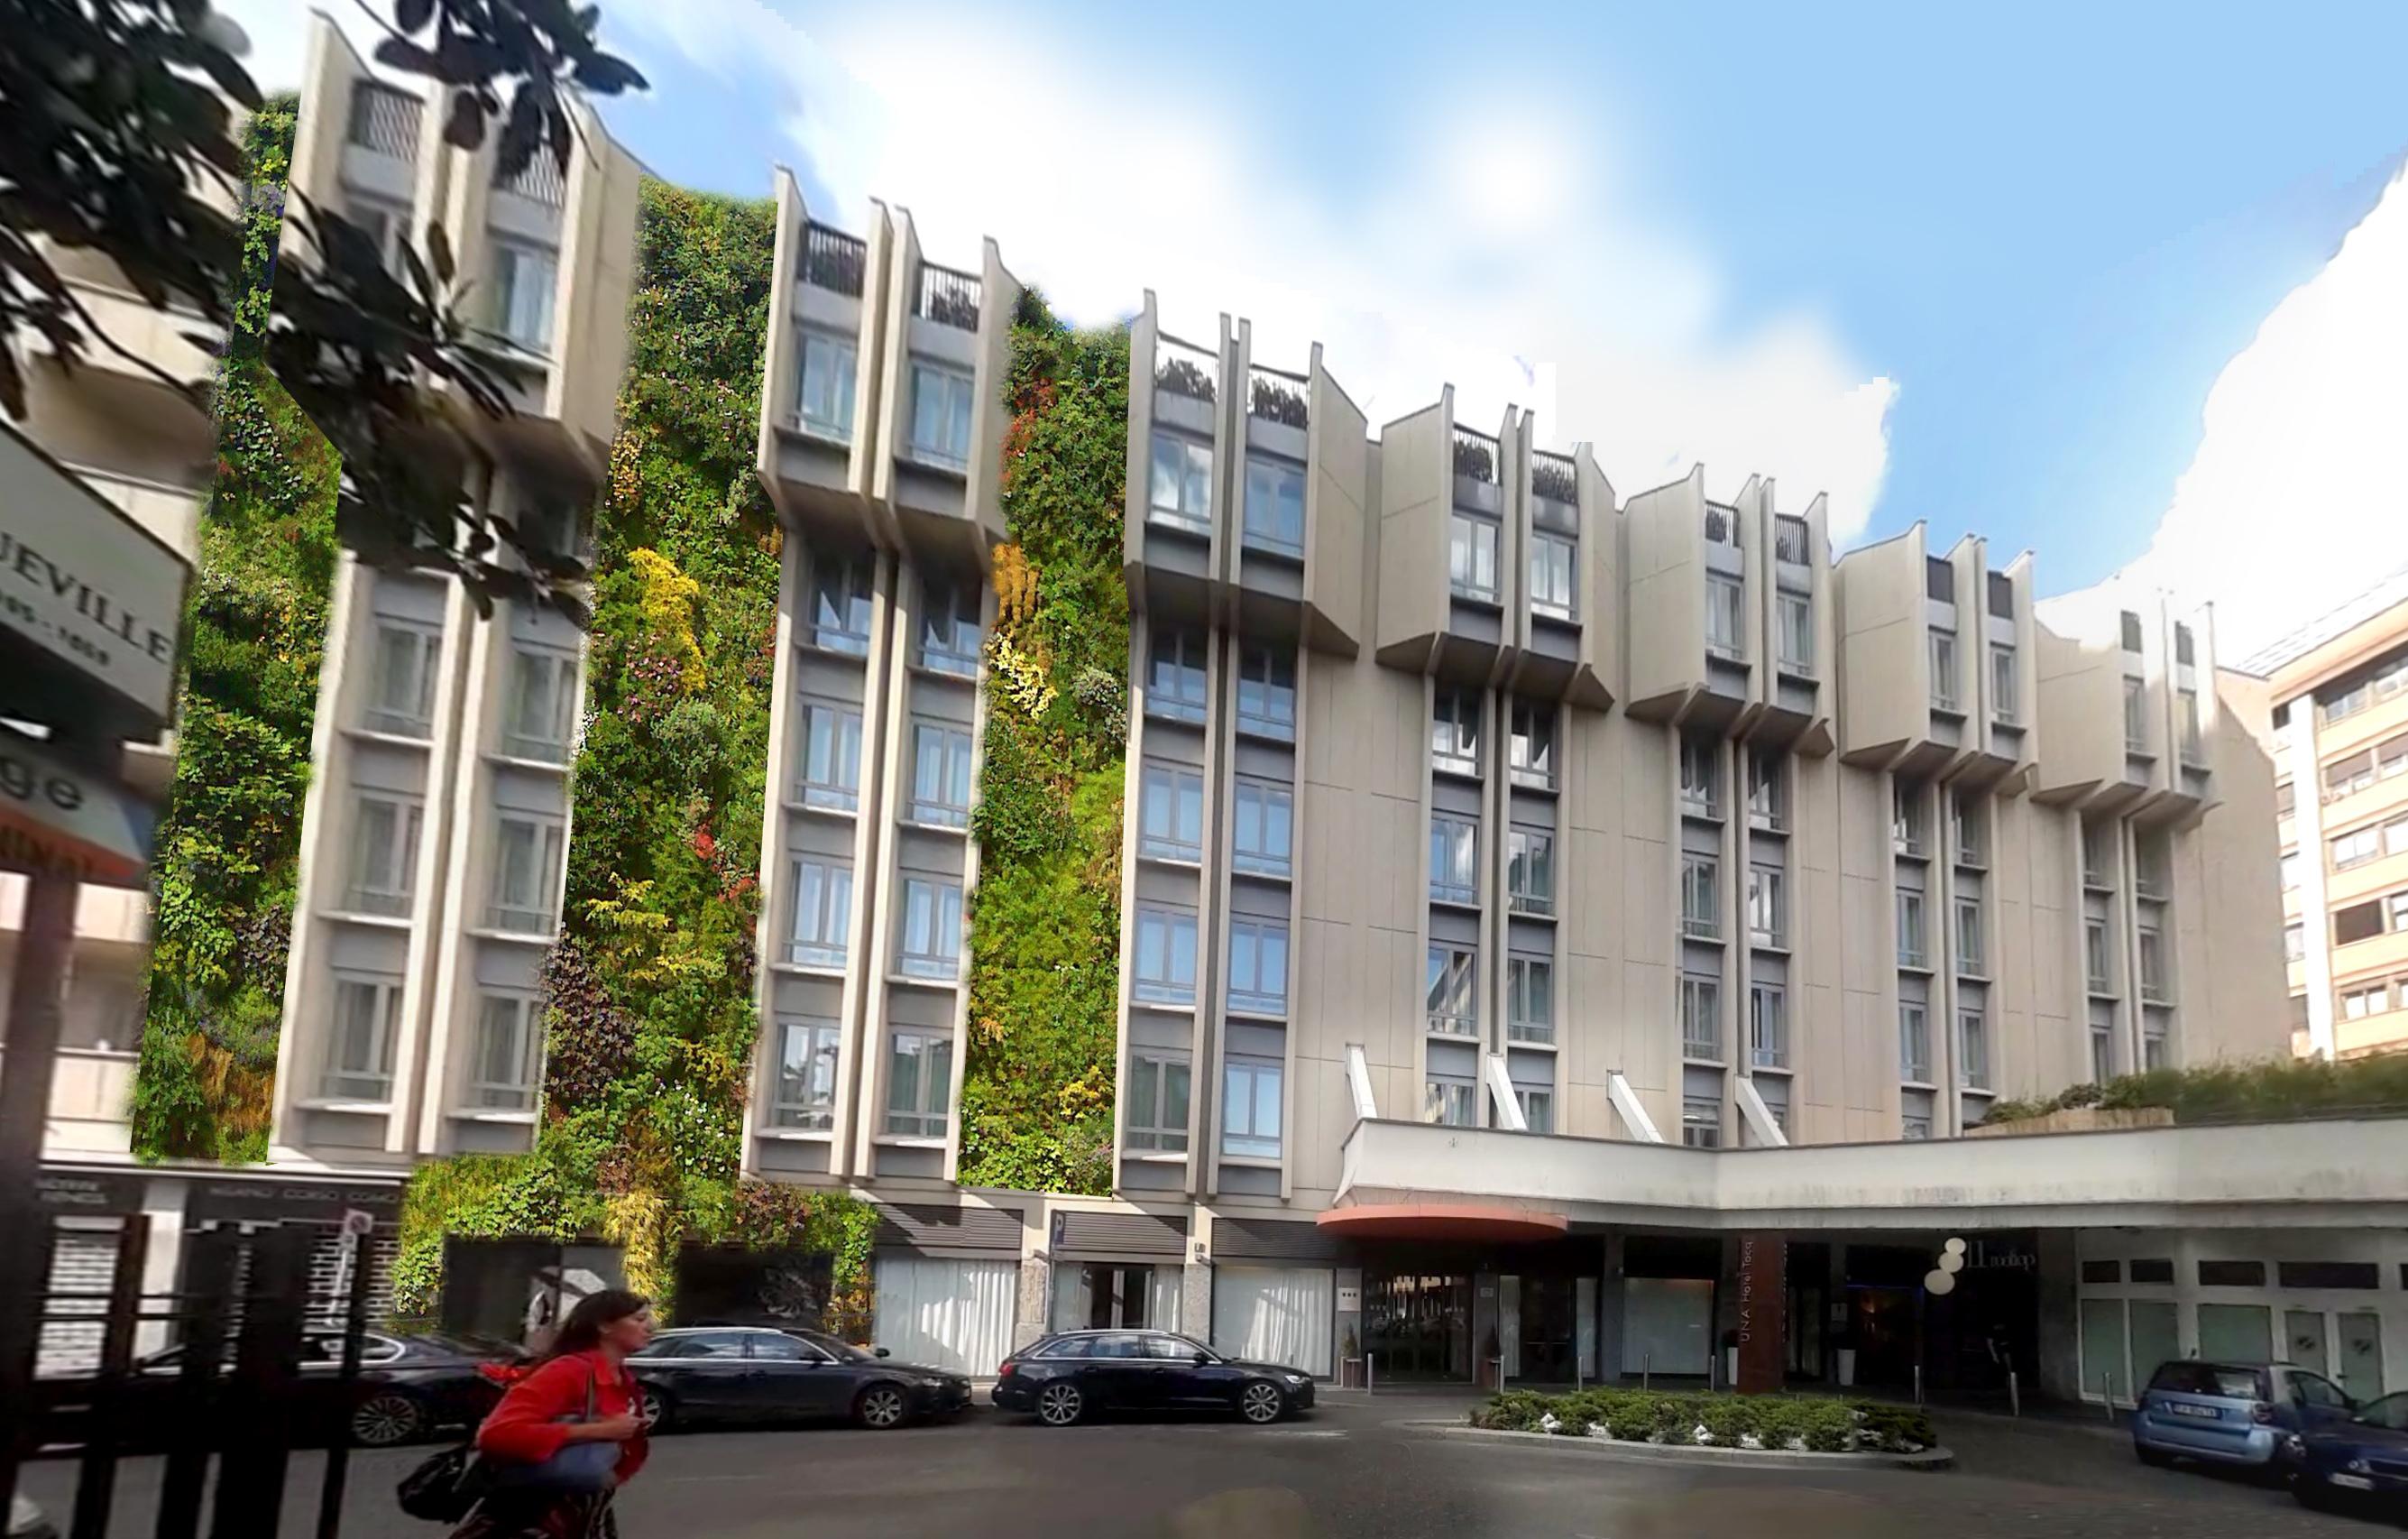 Livingandmore De hotel una tocq facade restyling project pesenti sassi architetti